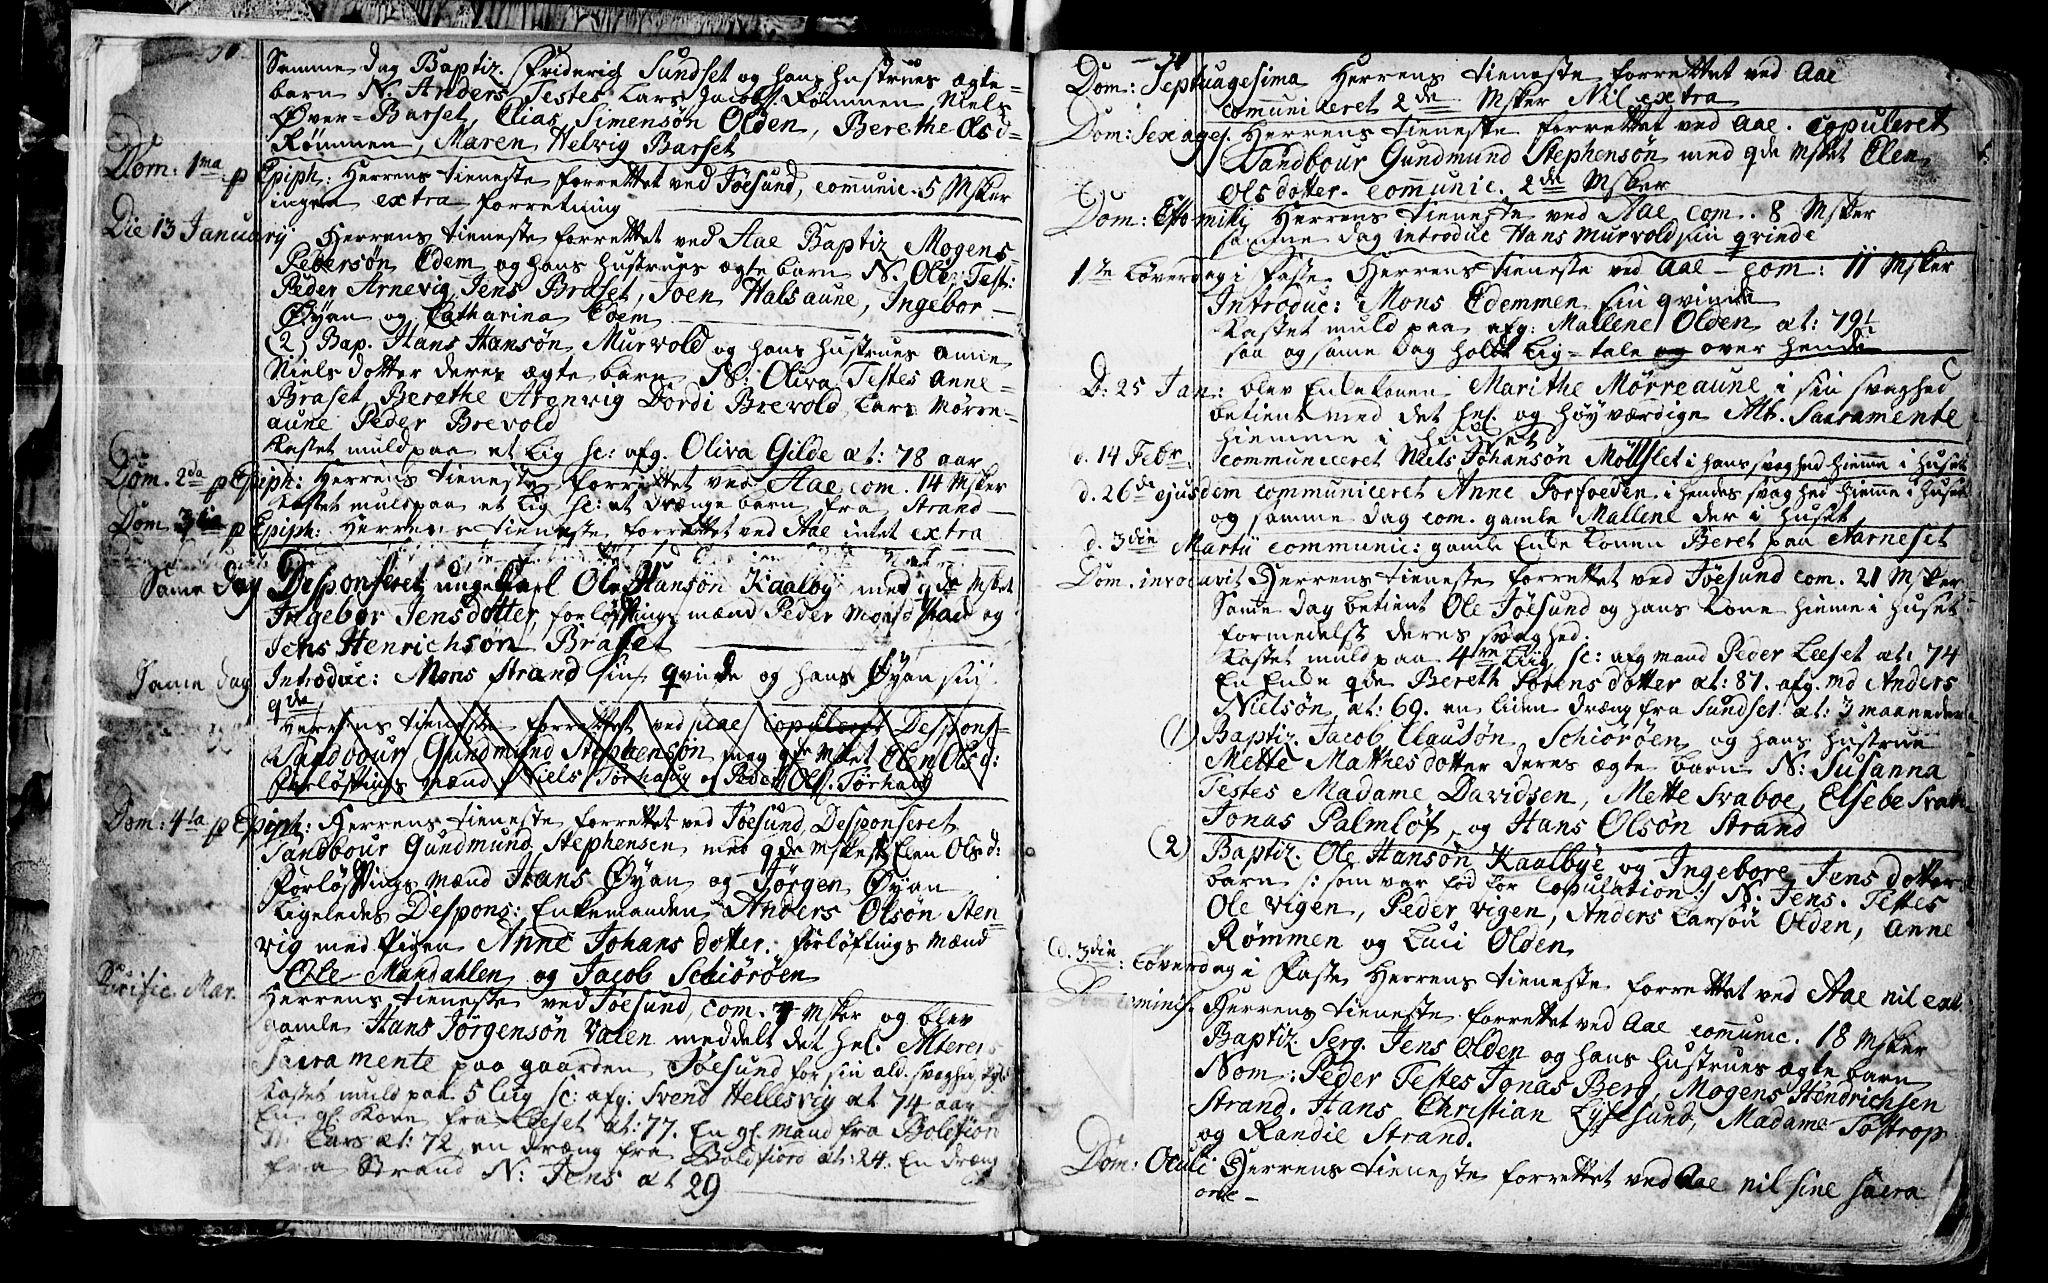 SAT, Ministerialprotokoller, klokkerbøker og fødselsregistre - Sør-Trøndelag, 655/L0672: Ministerialbok nr. 655A01, 1750-1779, s. 4-5